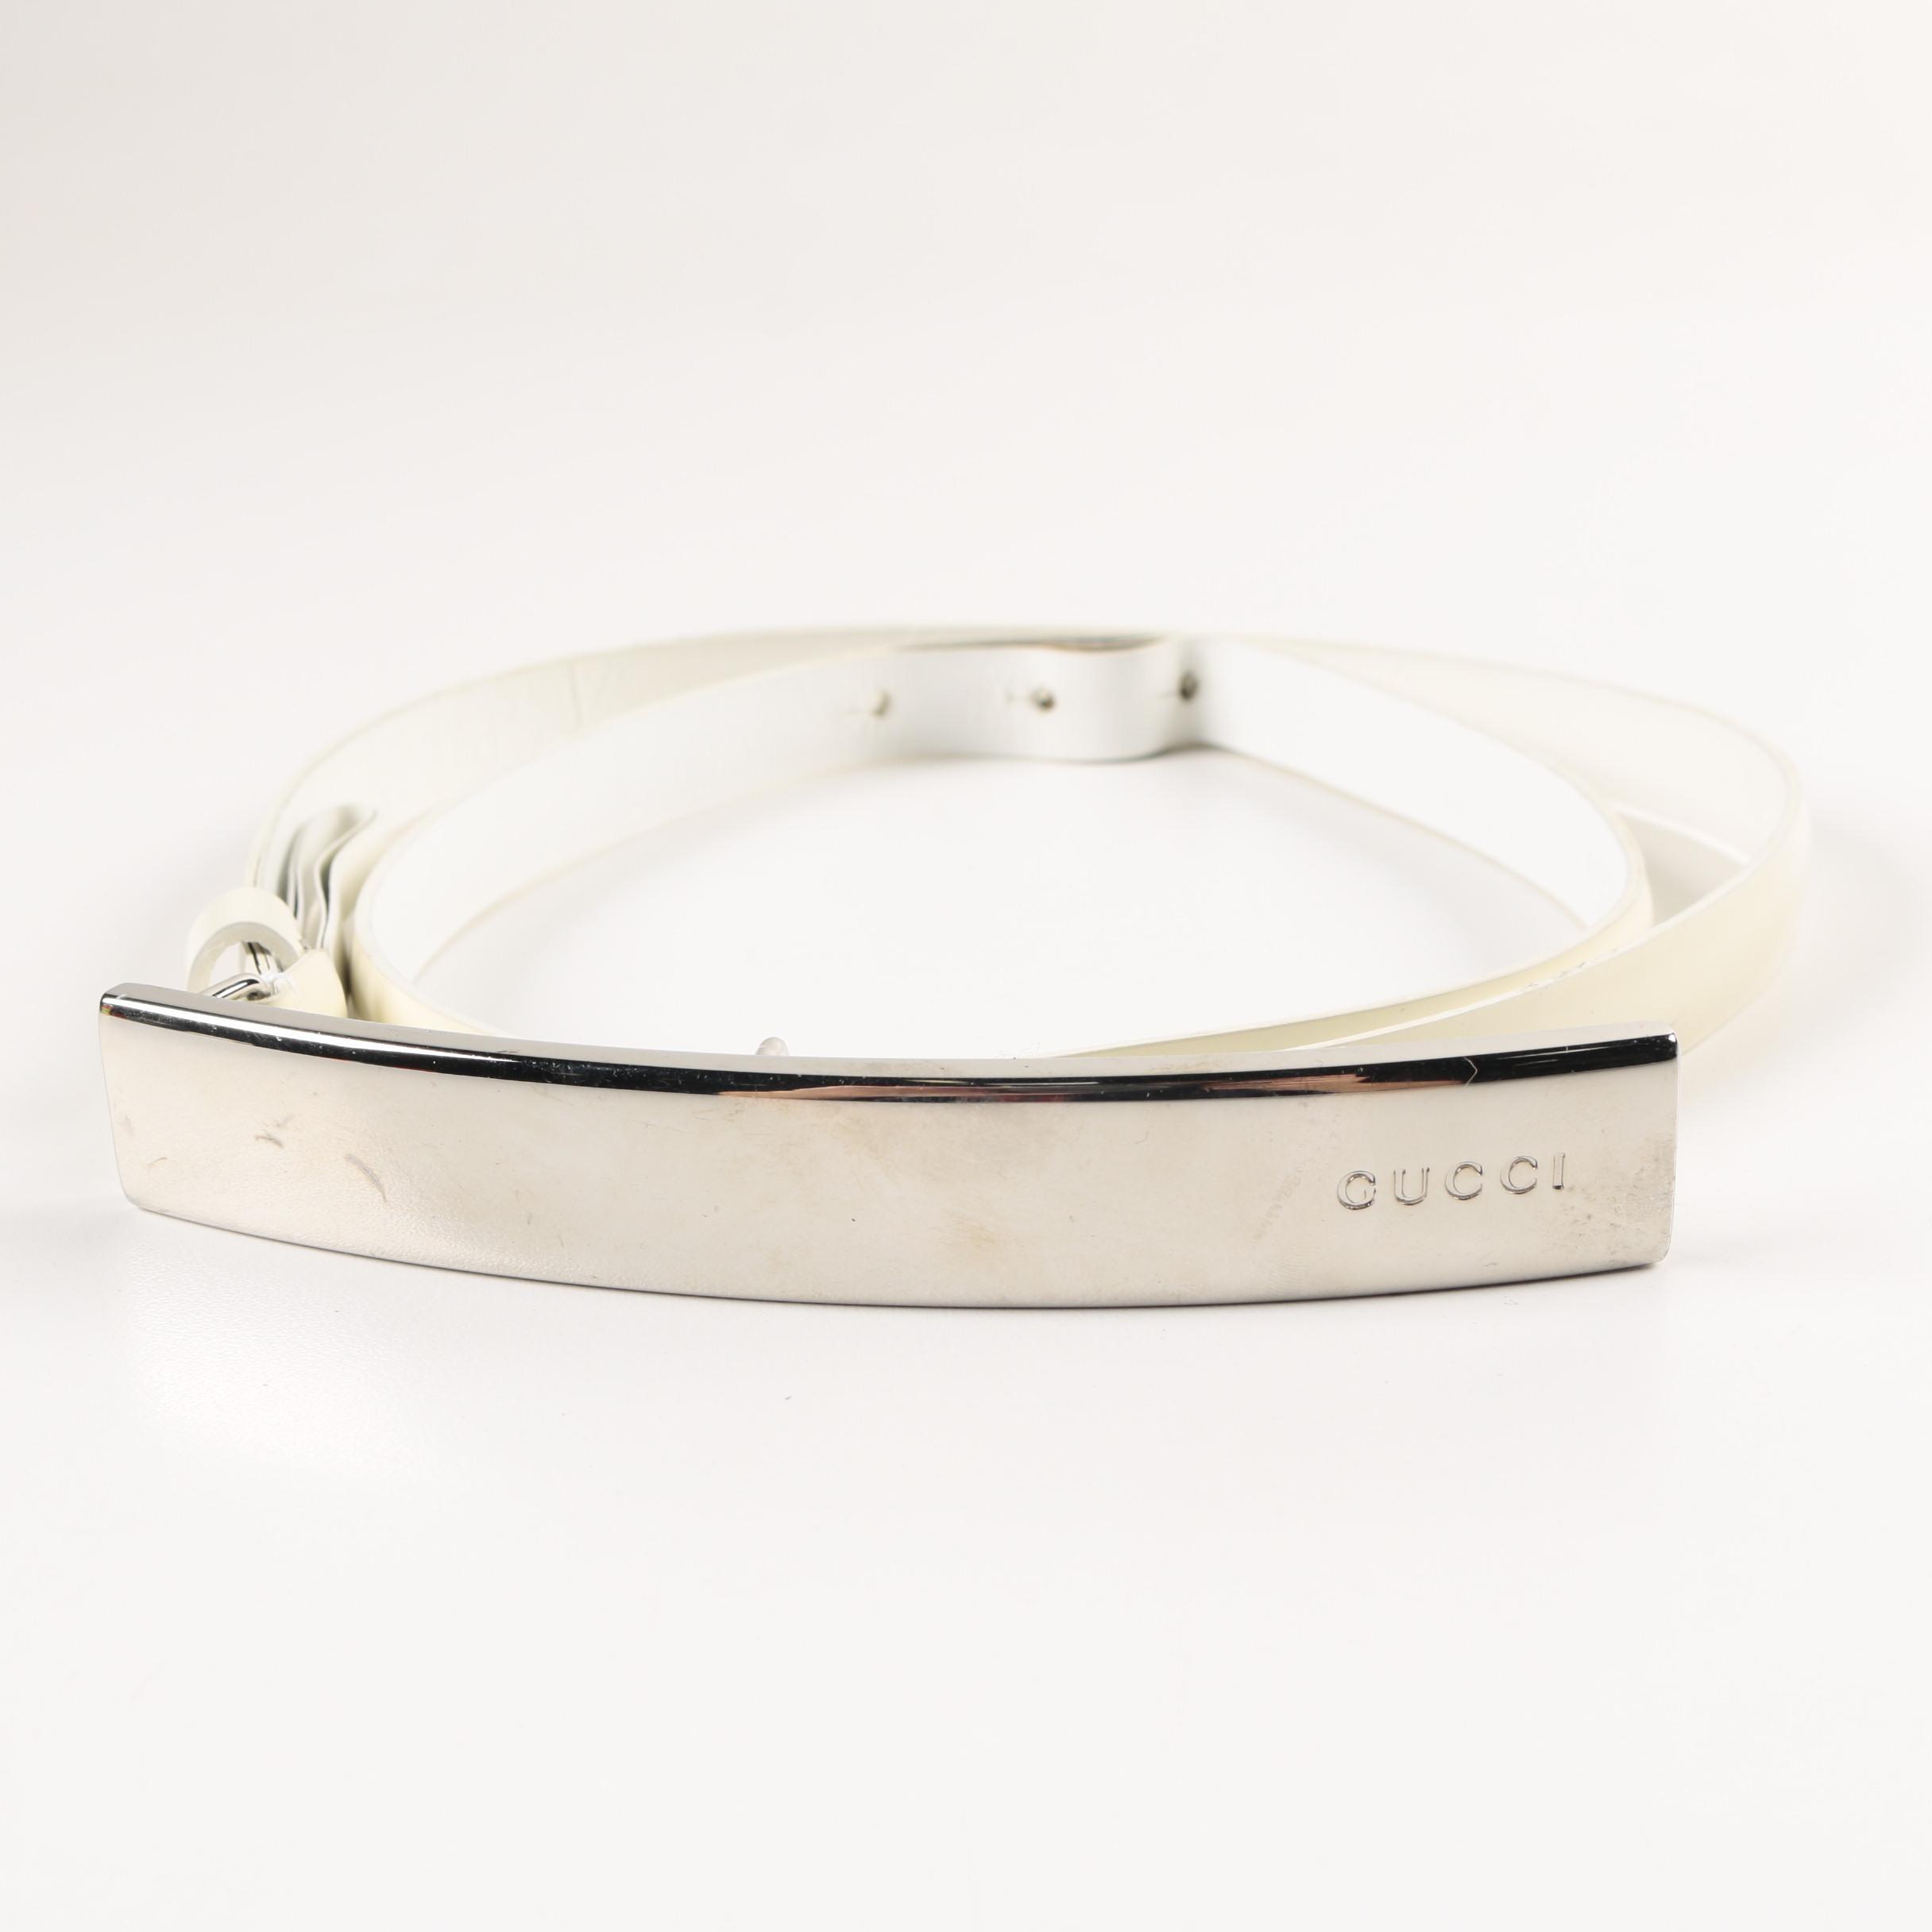 Cream Gucci Belt